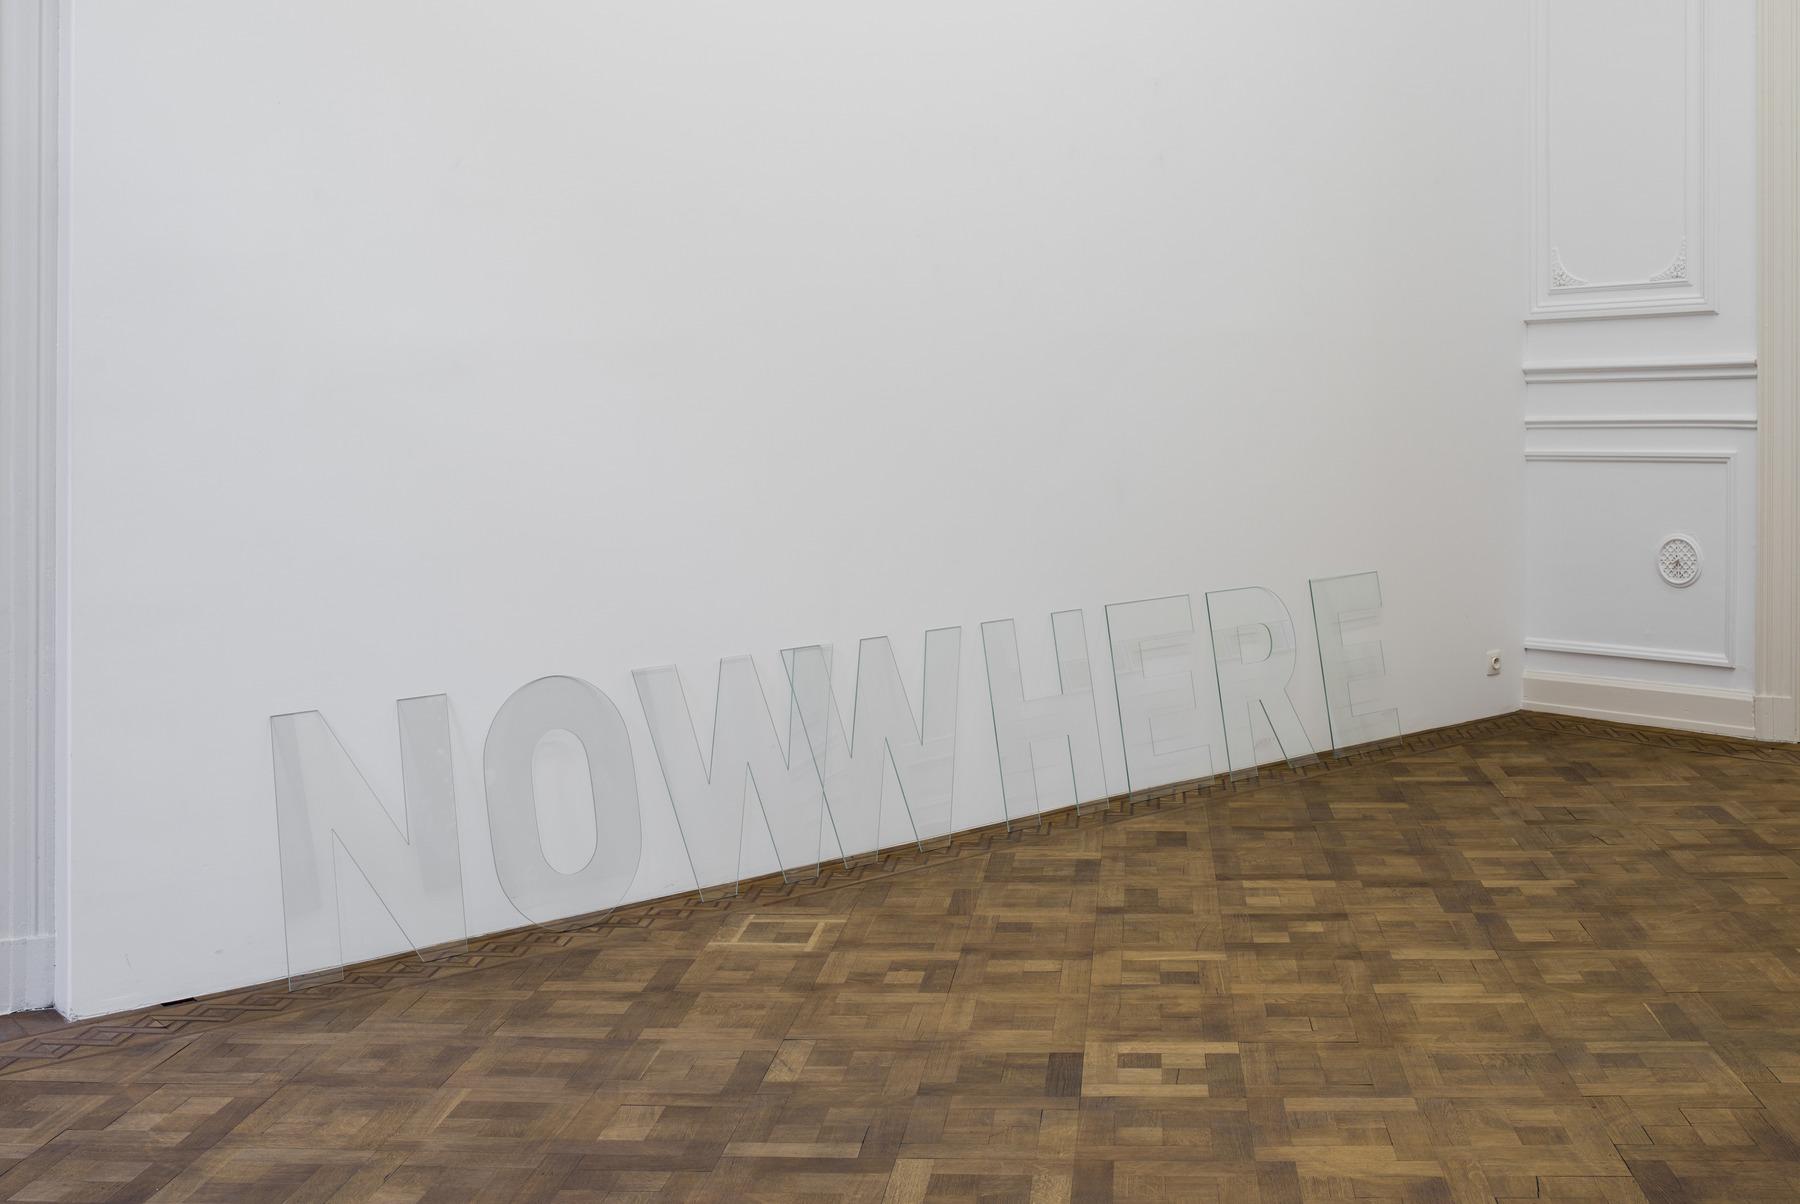 Melik Ohanian, Nowwhere, 2016, Letters in glass, 60 x 360 x 0,5cm, Unique (04)